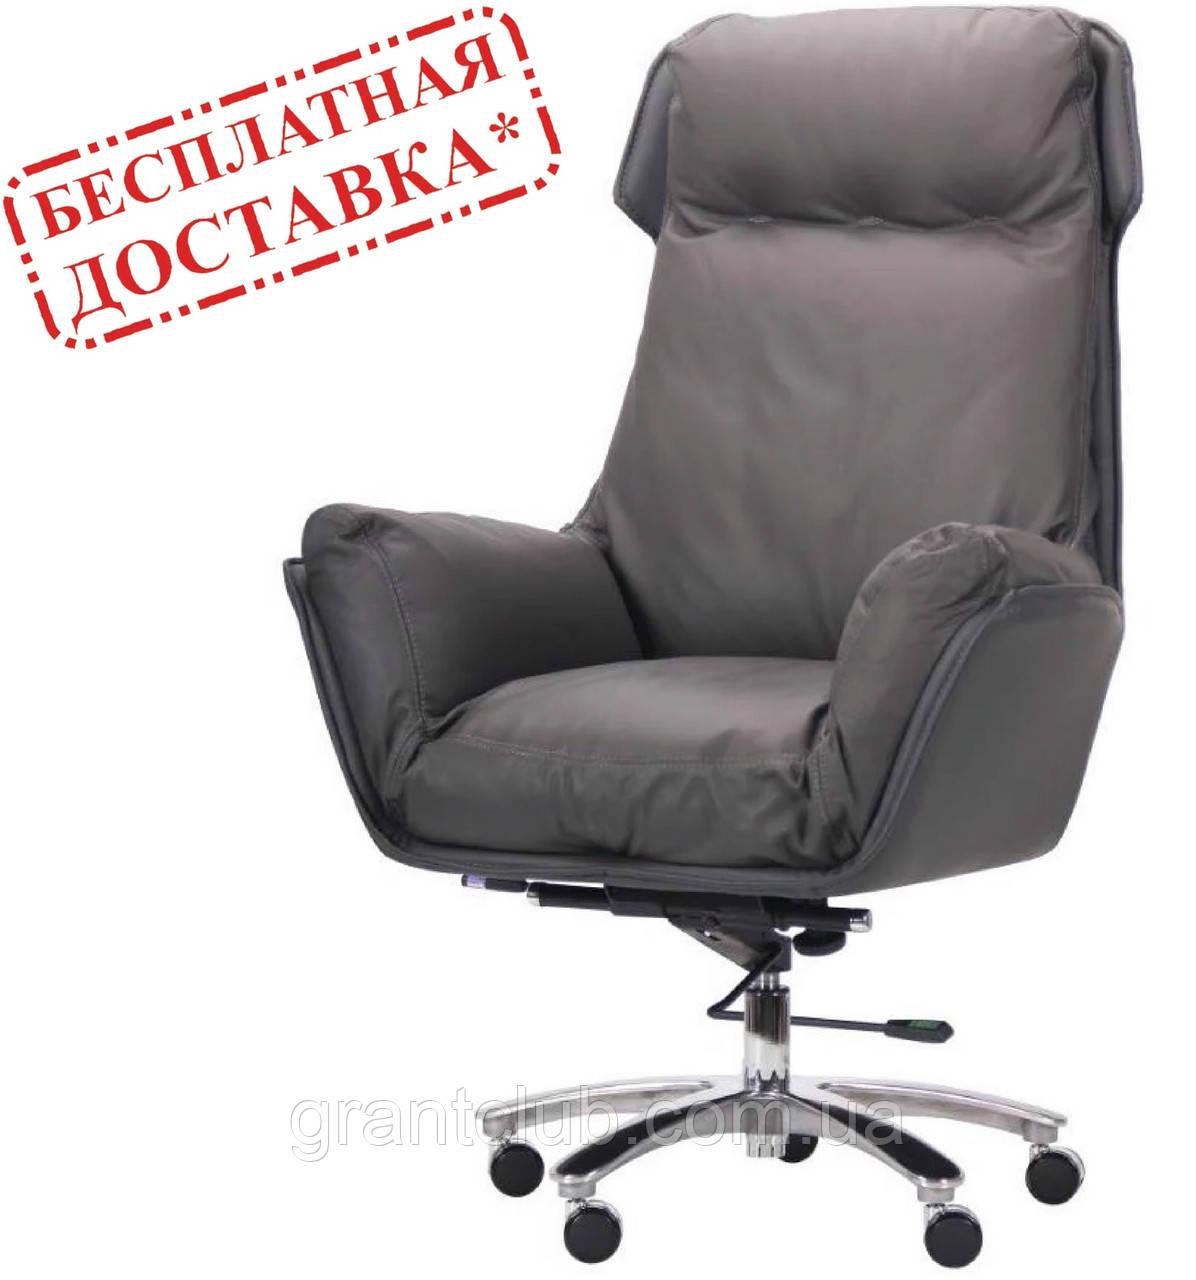 Кресло WILSON GREY серая кожа AMF (бесплатная адресная доставка)